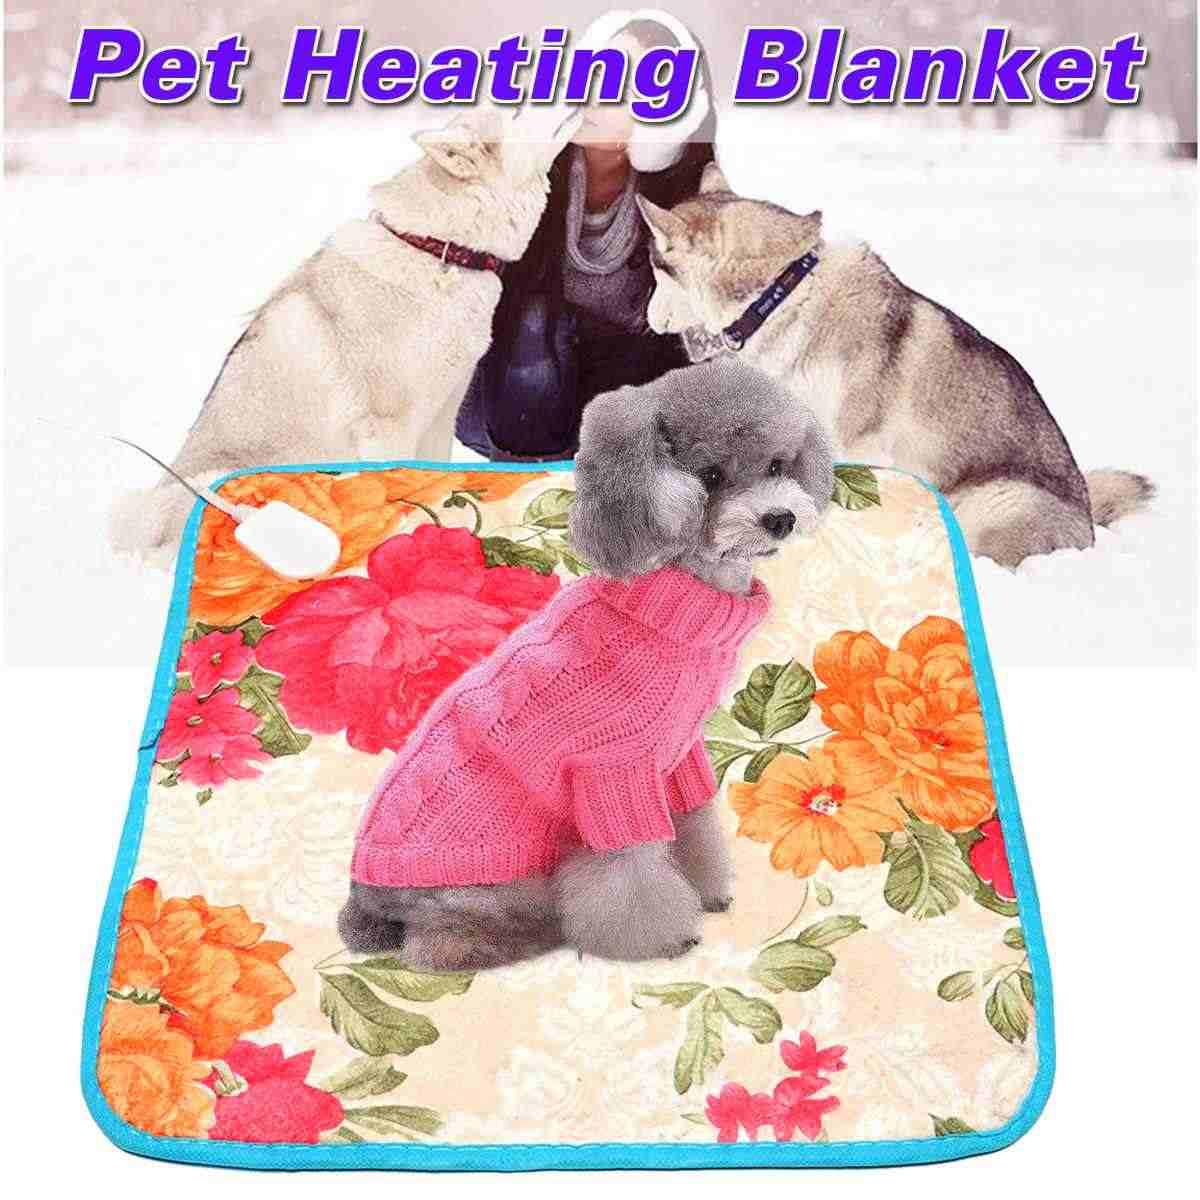 ホット販売 40 センチメートル * 40 センチメートルペット暖かい電熱加熱された加熱パッドマット毛布睡眠ベッドマット 18 用犬猫秋冬クッション